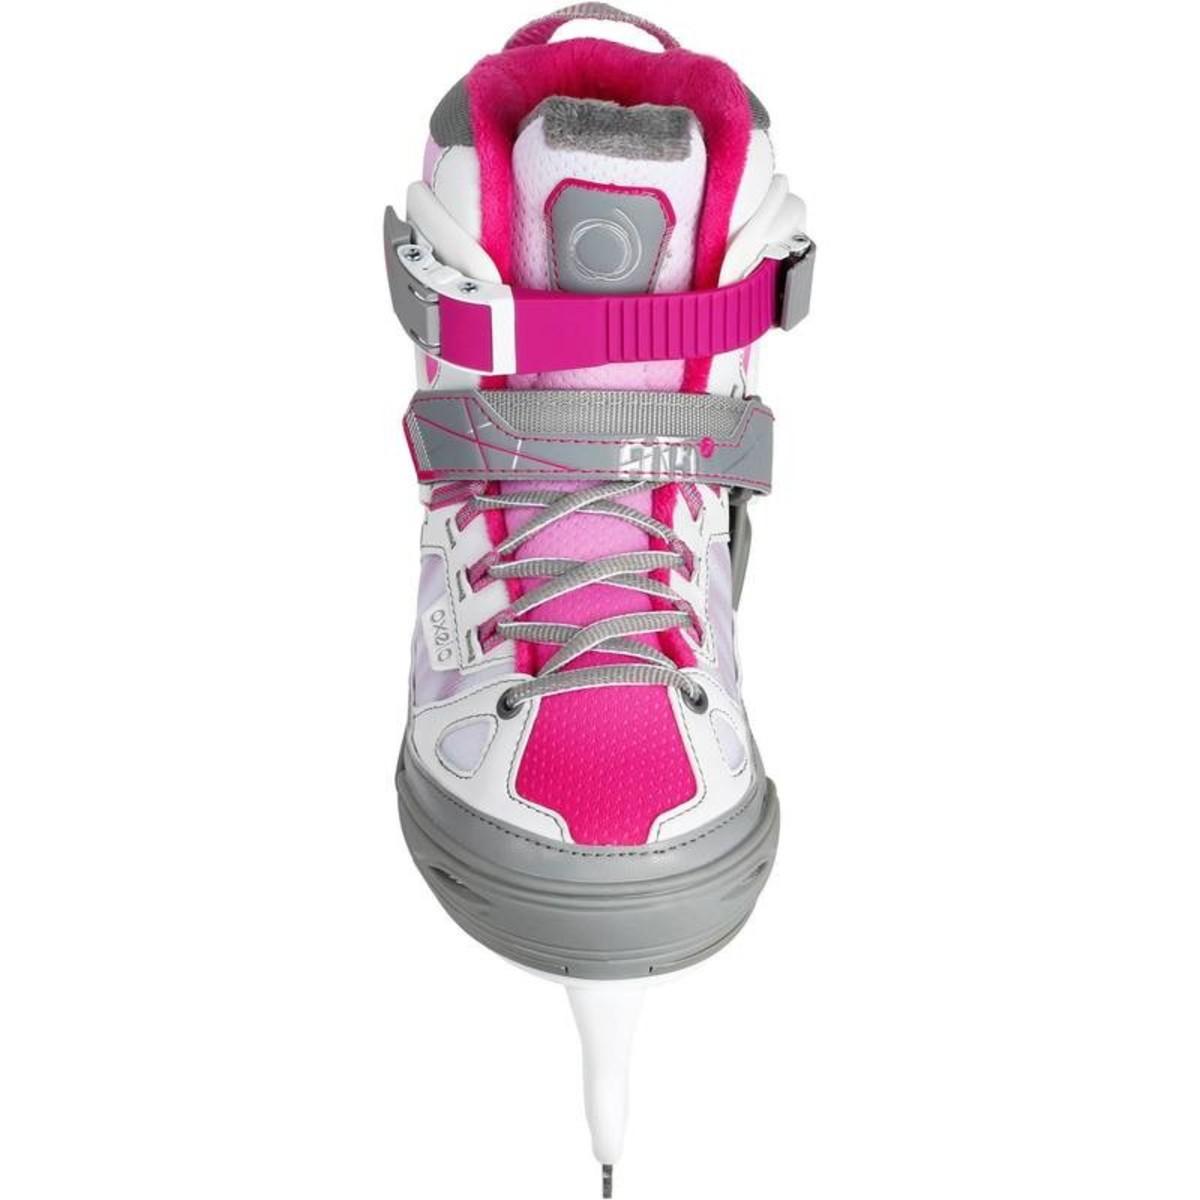 Bild 5 von OXELO Schlittschuhe Fit 5 Girl Kinder größenverstellbar weiß/pink, Größe: 29/32